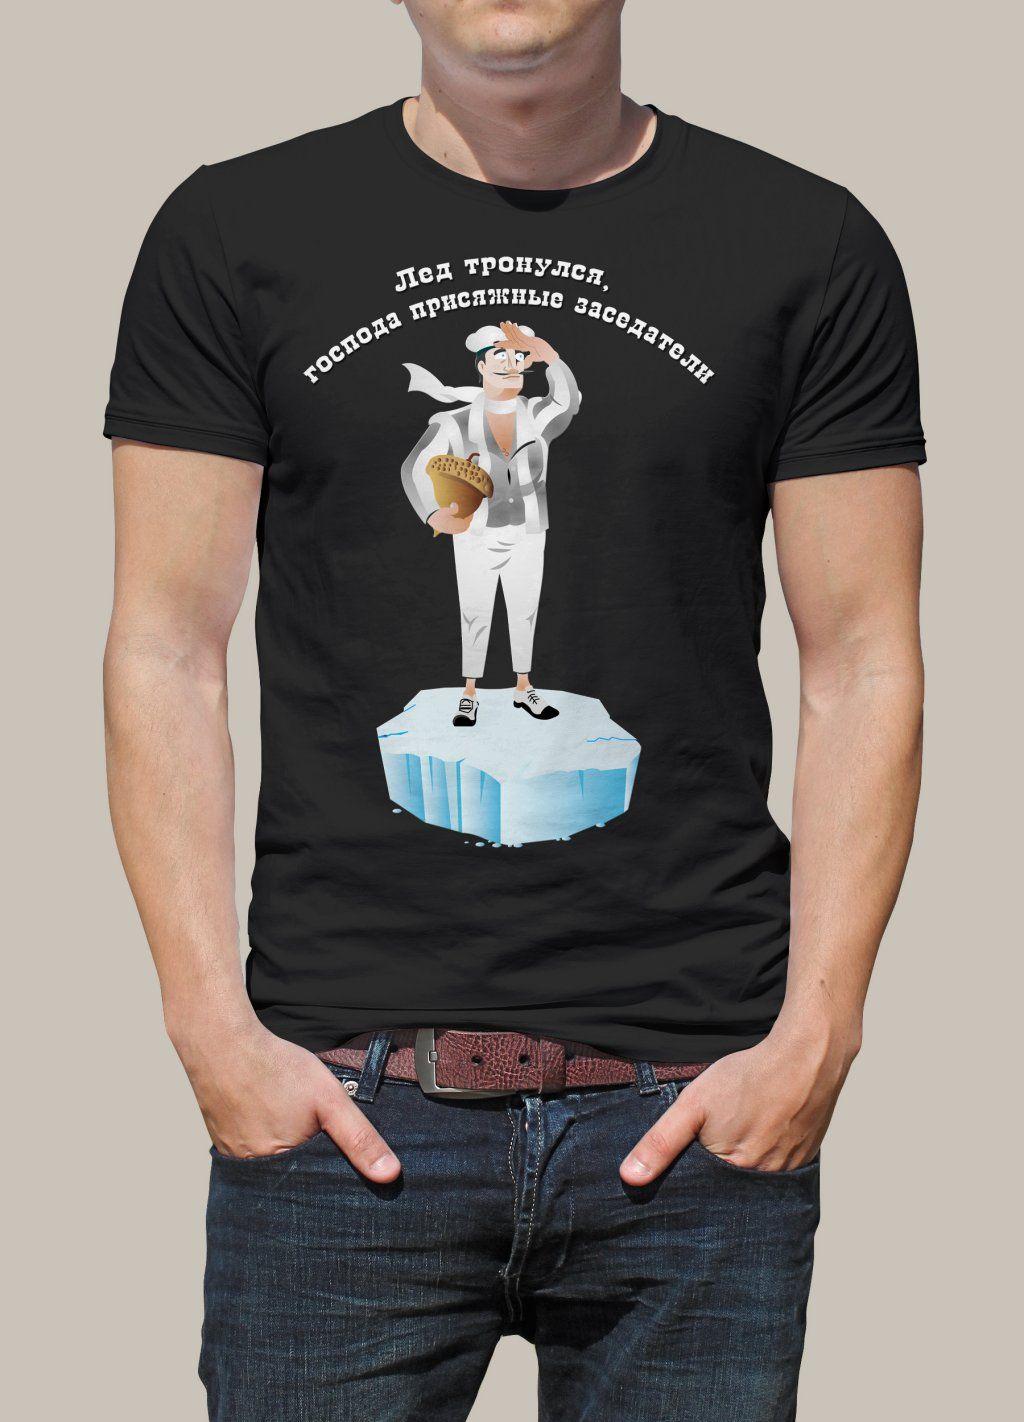 Принт к фразе на мужскую футболку - дизайнер Keroberas